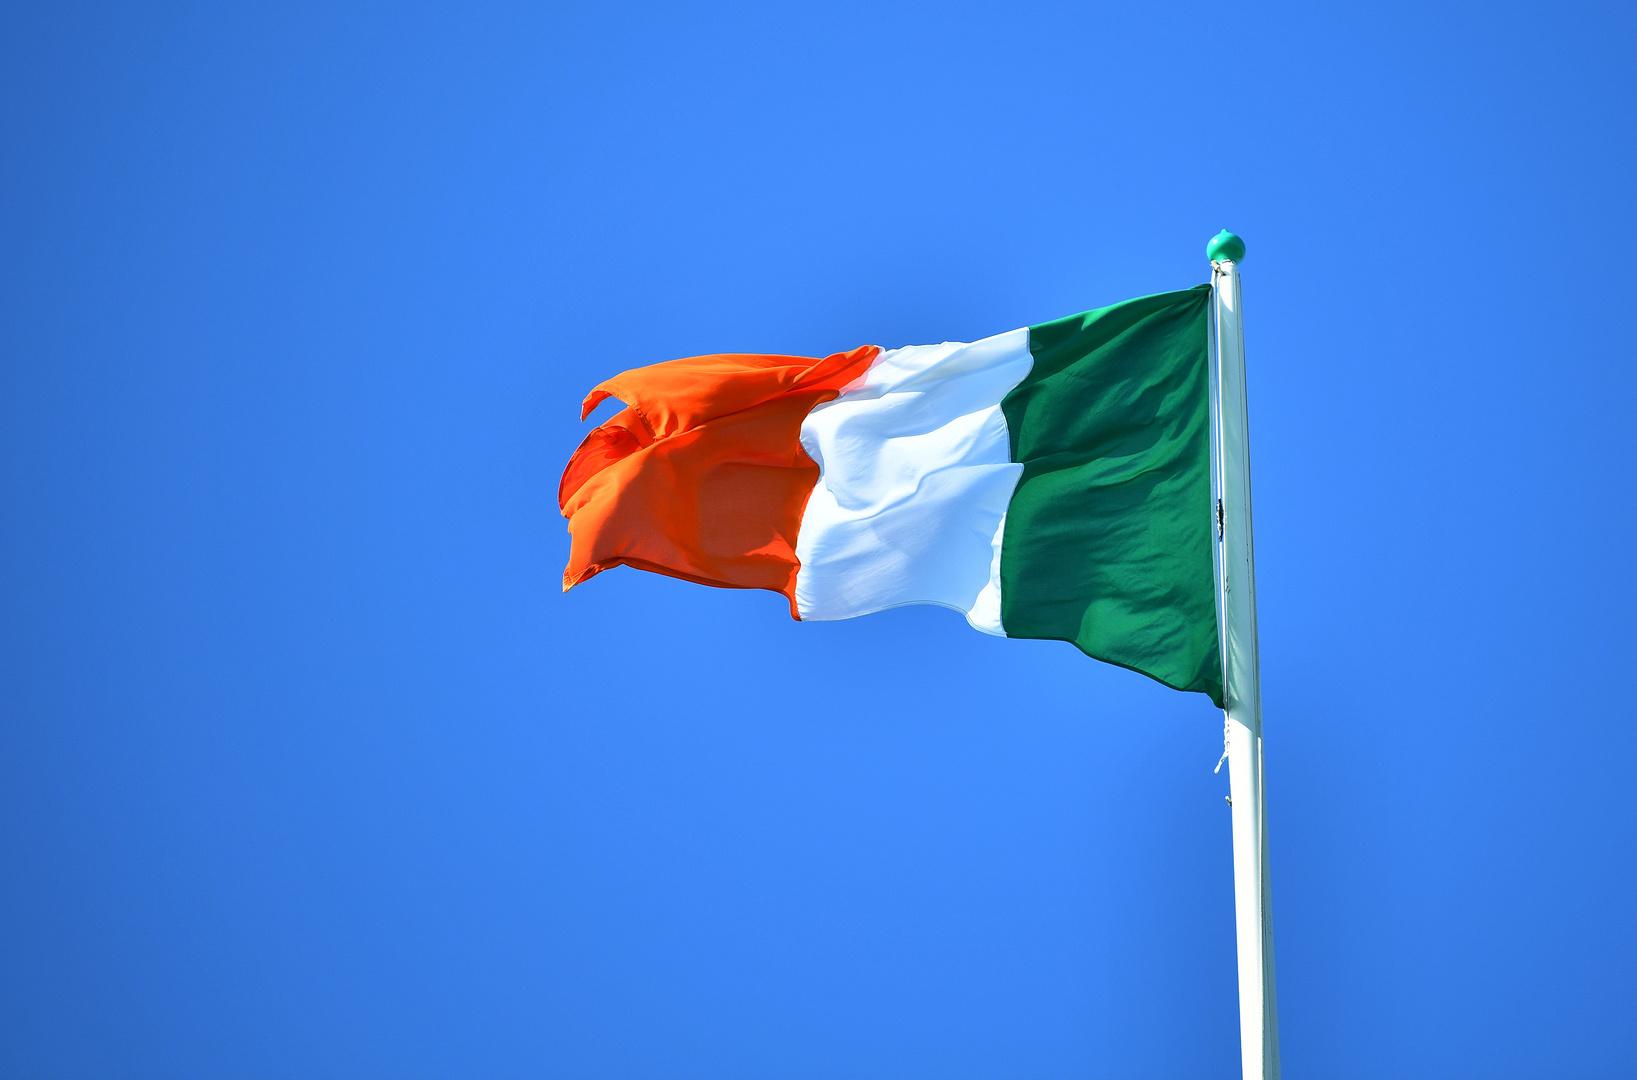 الخارجية الإيرلندية: سنعيد تأسيس وجودنا الدبلوماسي في إيران